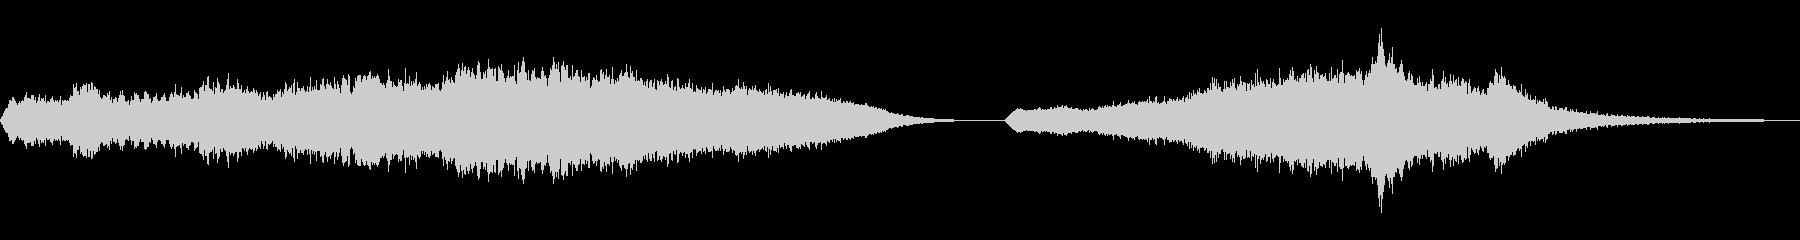 ムーグ、スイープ、スロー、レゾネー...の未再生の波形